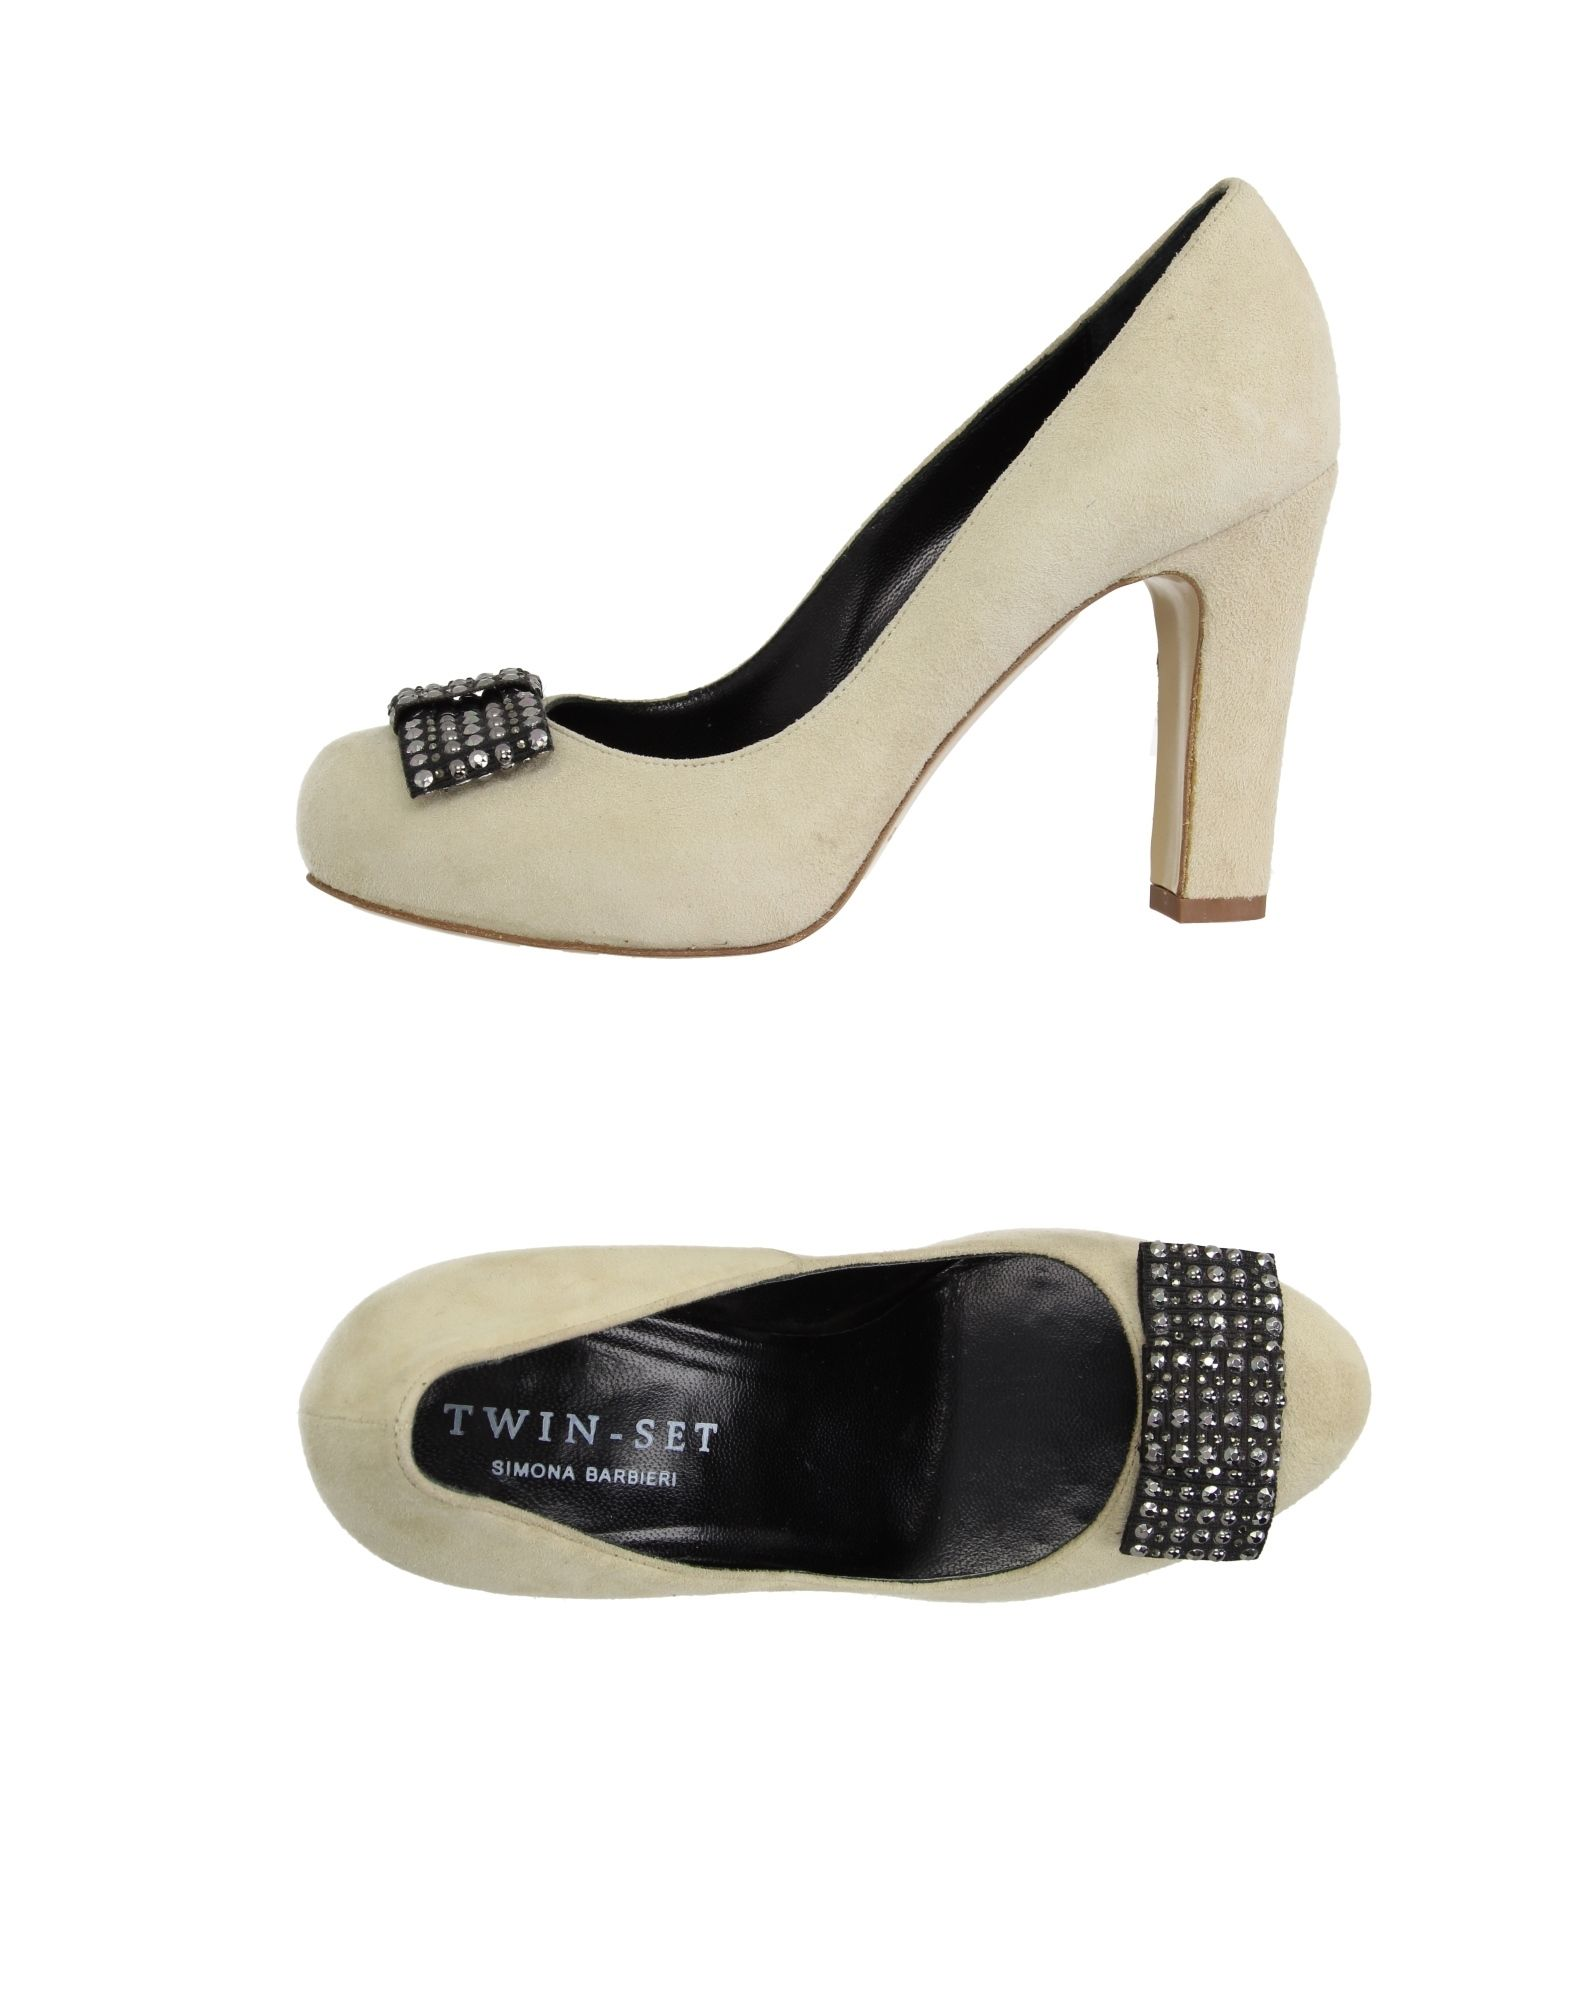 Venta de liquidación de temporada Zapato De De De Salón Twin-Set Simona Barbieri Mujer - Salones Twin-Set Simona Barbieri  Beige f8bbd5